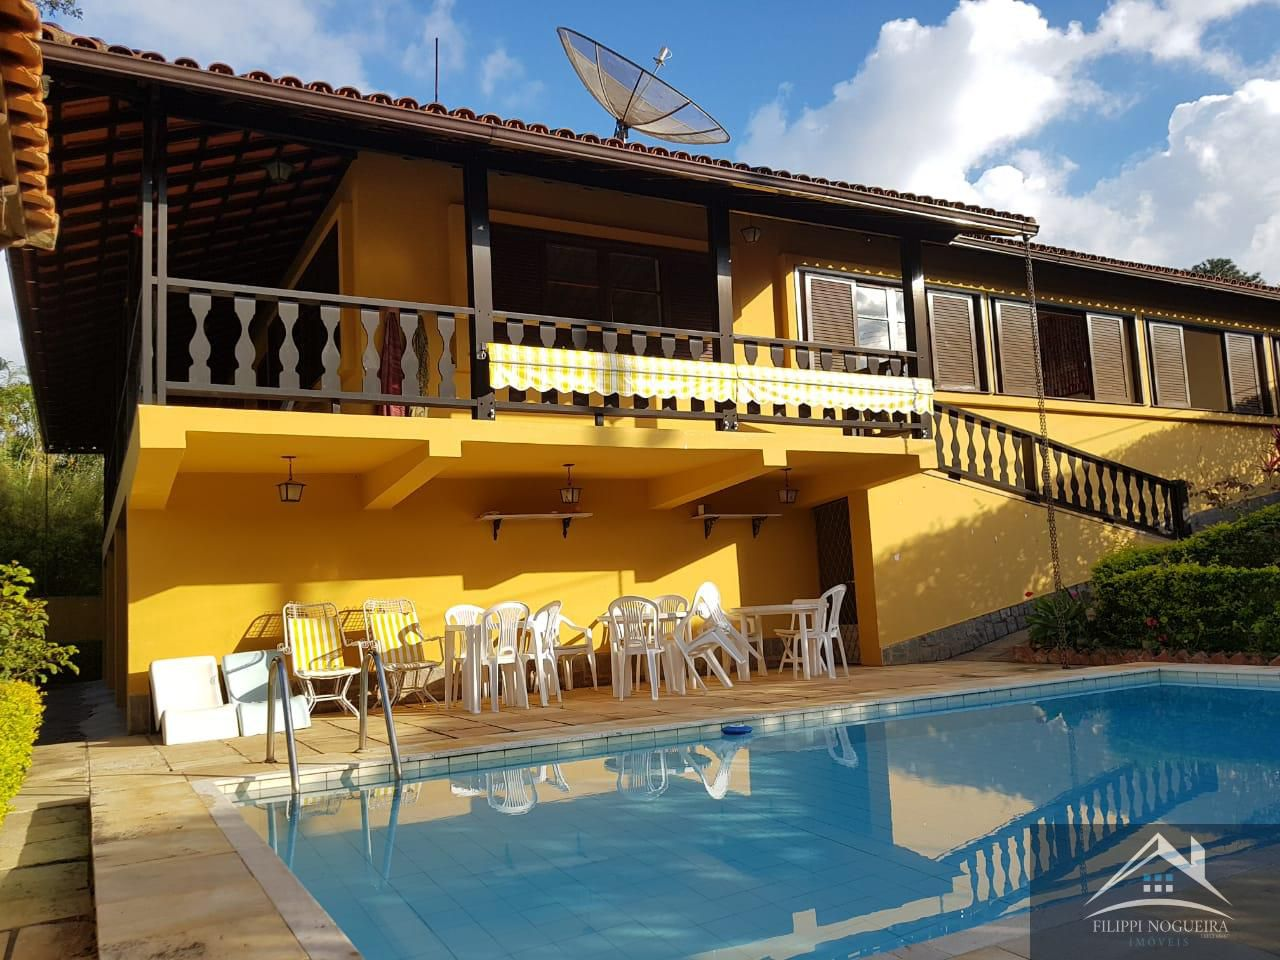 Excelente imóvel com 6 quartos e piscina na Vila Suissa. - csvl - 4